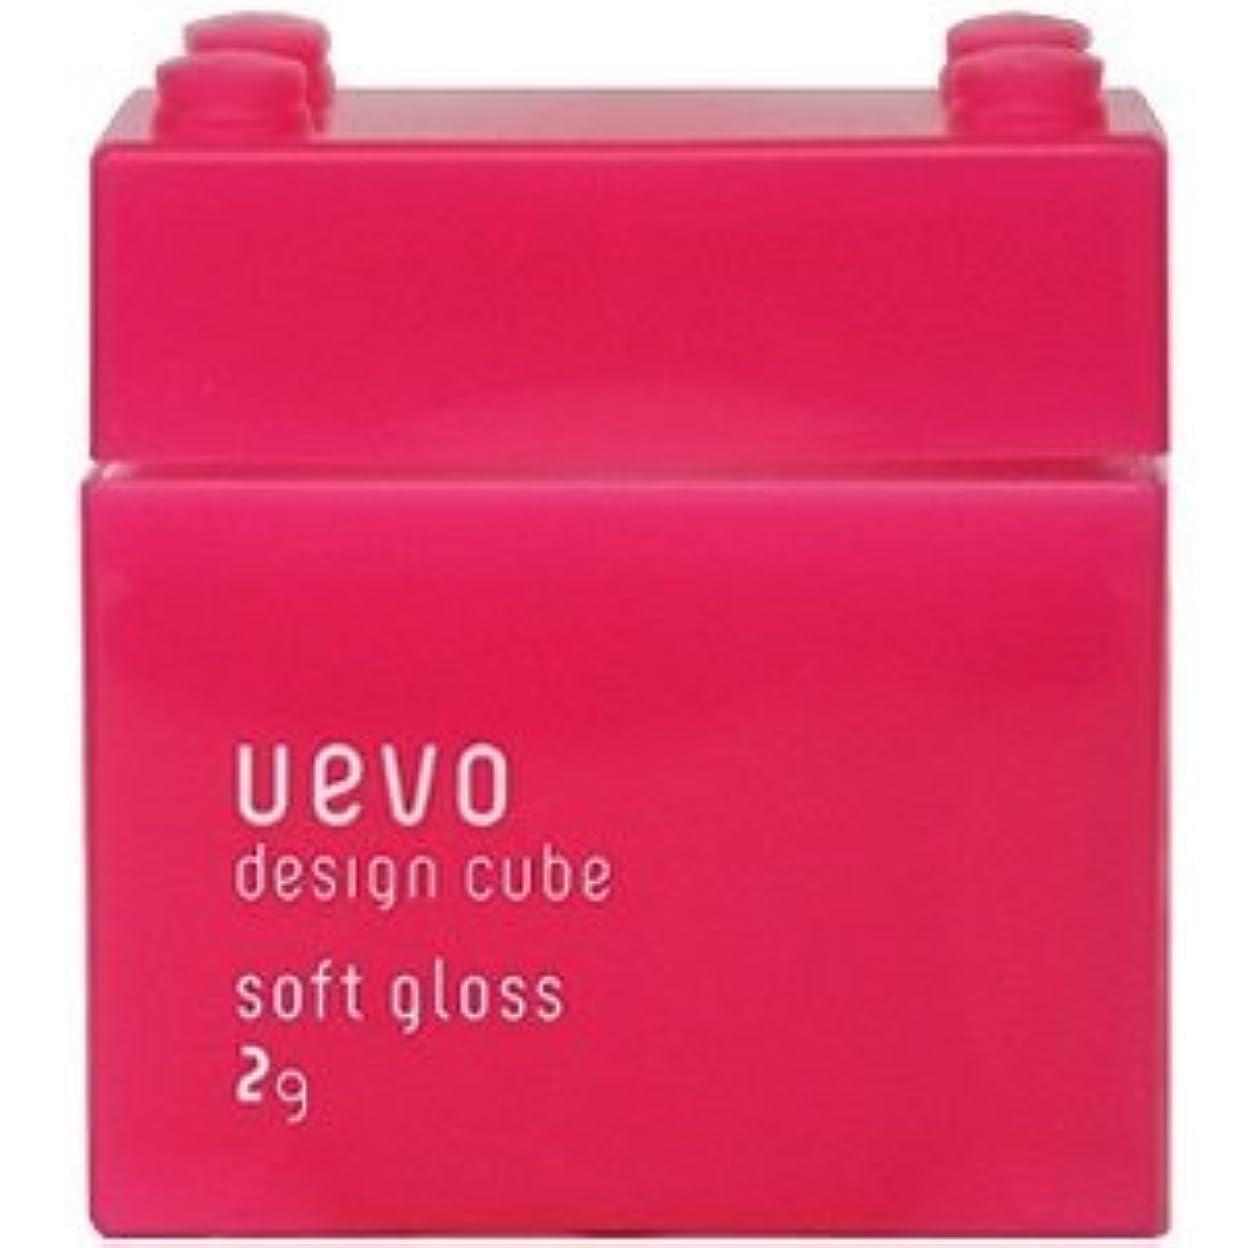 撃退するフィット銀河【X3個セット】 デミ ウェーボ デザインキューブ ソフトグロス 80g soft gloss DEMI uevo design cube